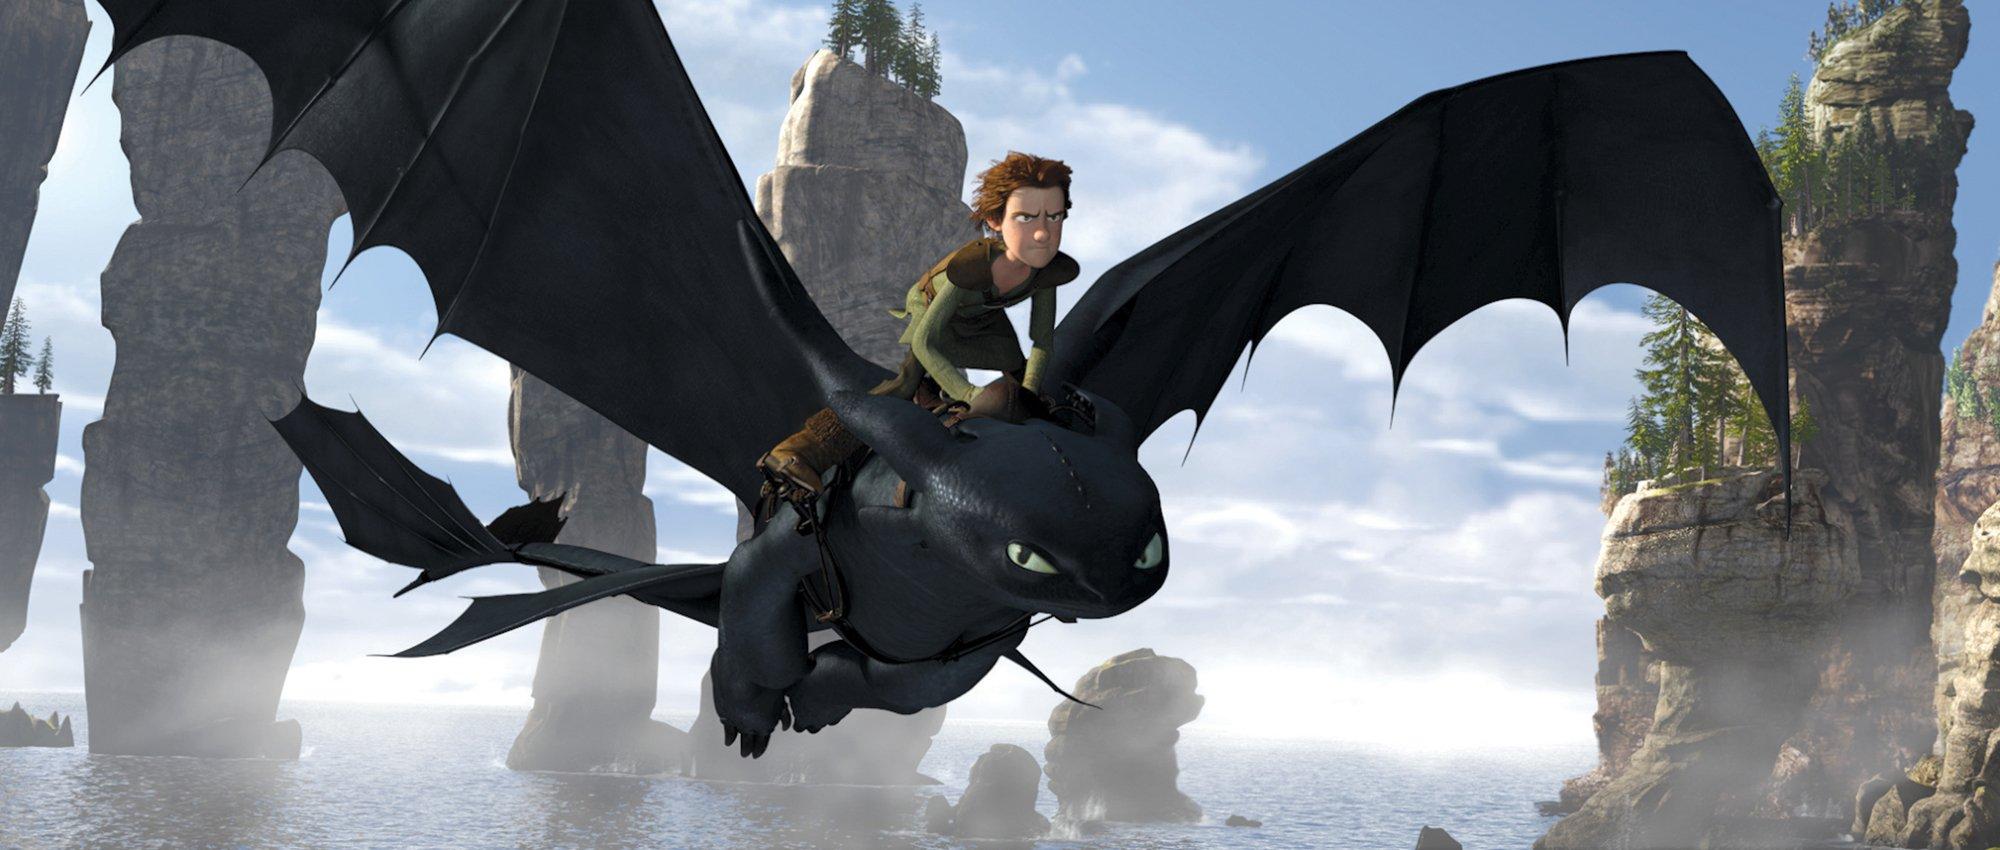 [Obrazek: how_to_train_your_dragon_001.jpg]